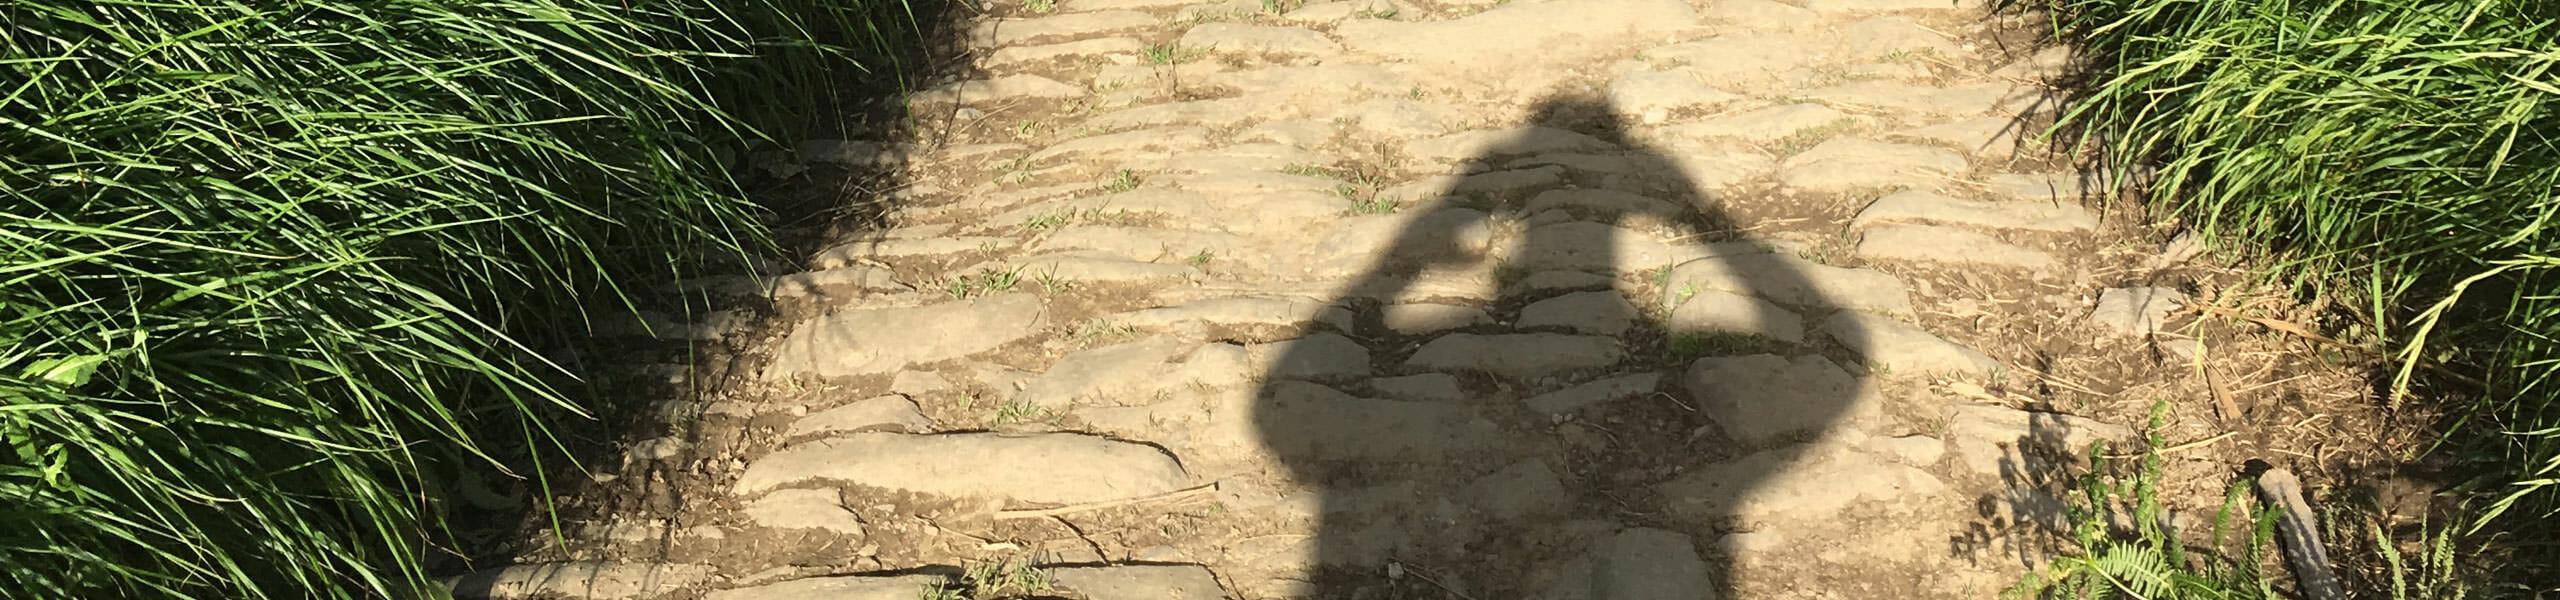 Das Startbild zur HelloWorld-Galerie zeigt einen Schatten eines Mannes, der ein Bild aufnimmt